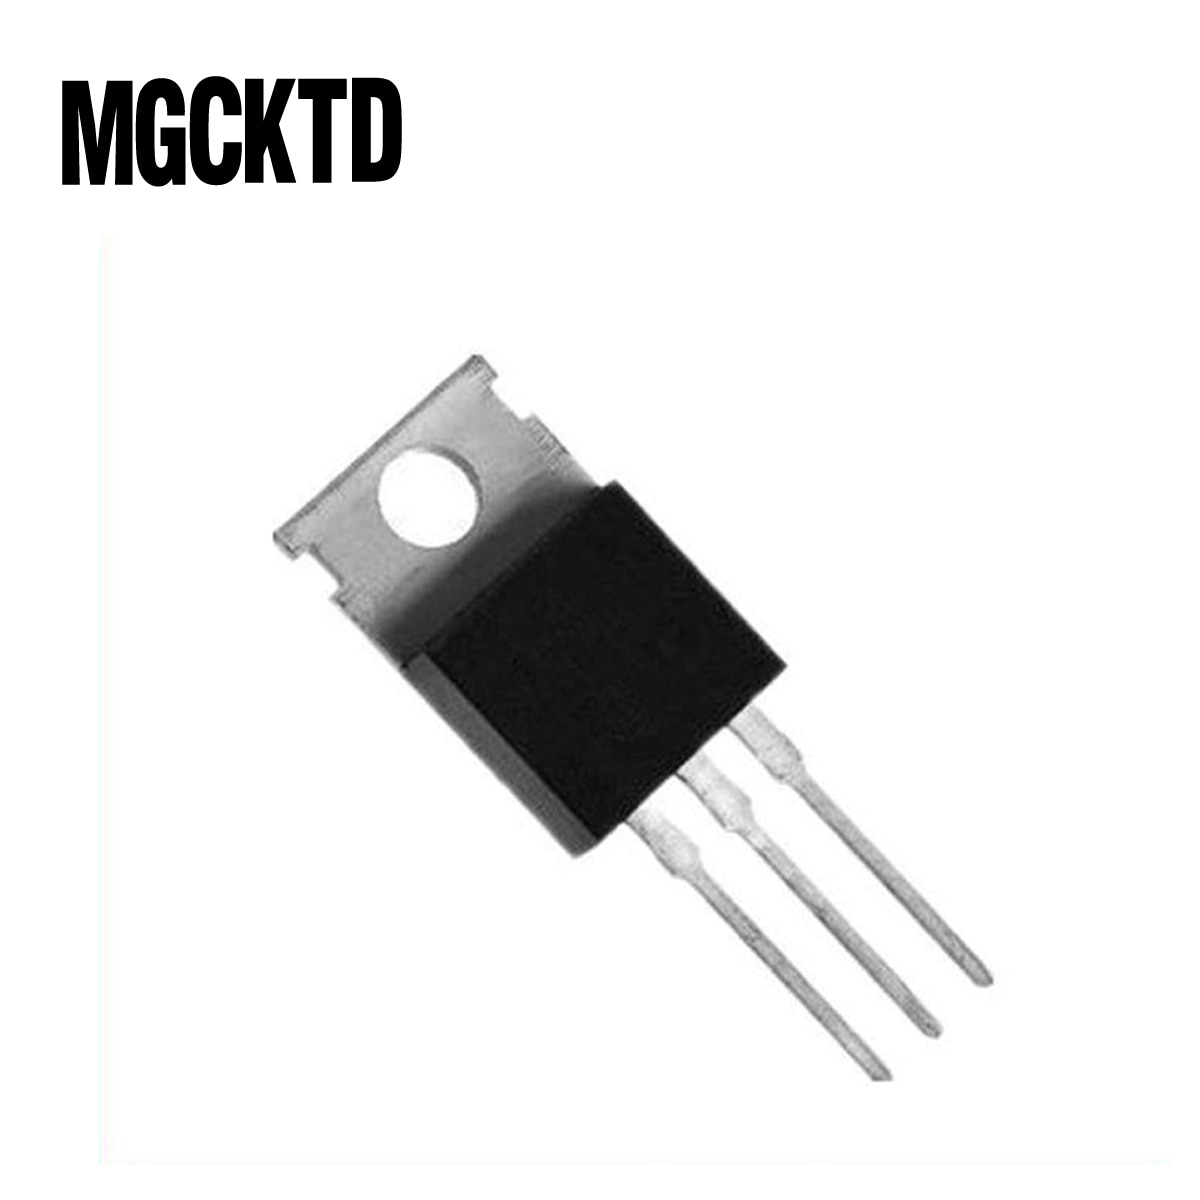 50 pcs BT152-600R BT152-600 BT152 13A Tiristor SCR 600 v